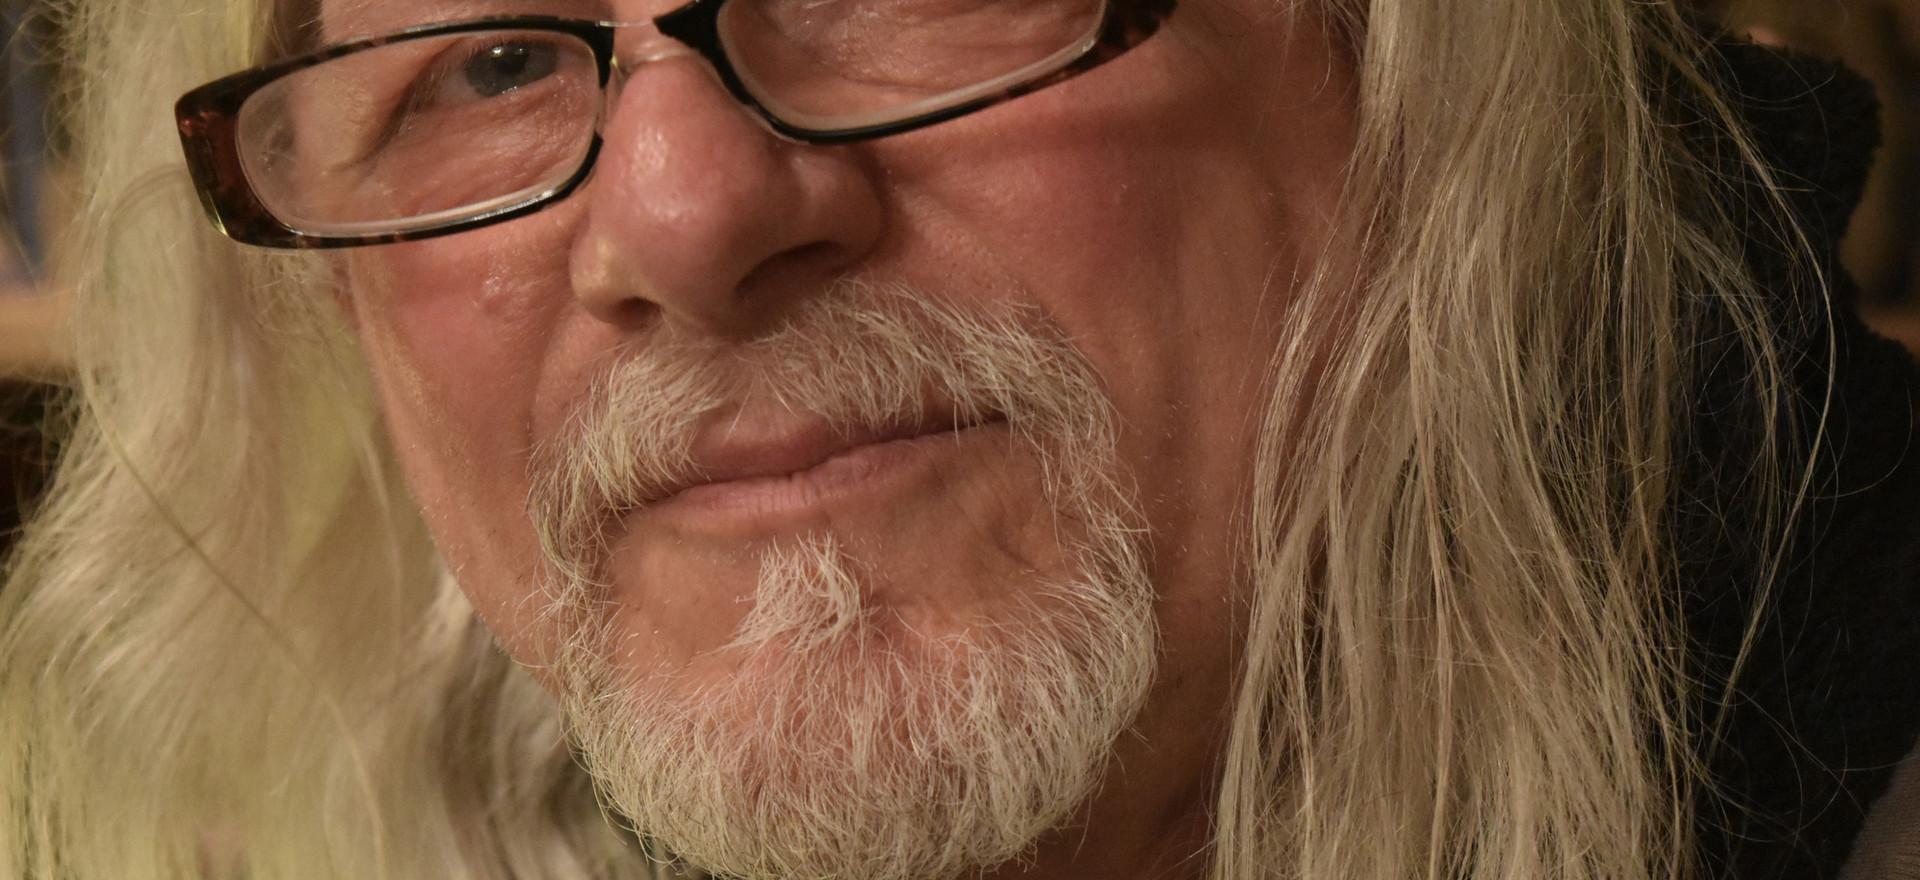 Poet, Chuck Tomaselli